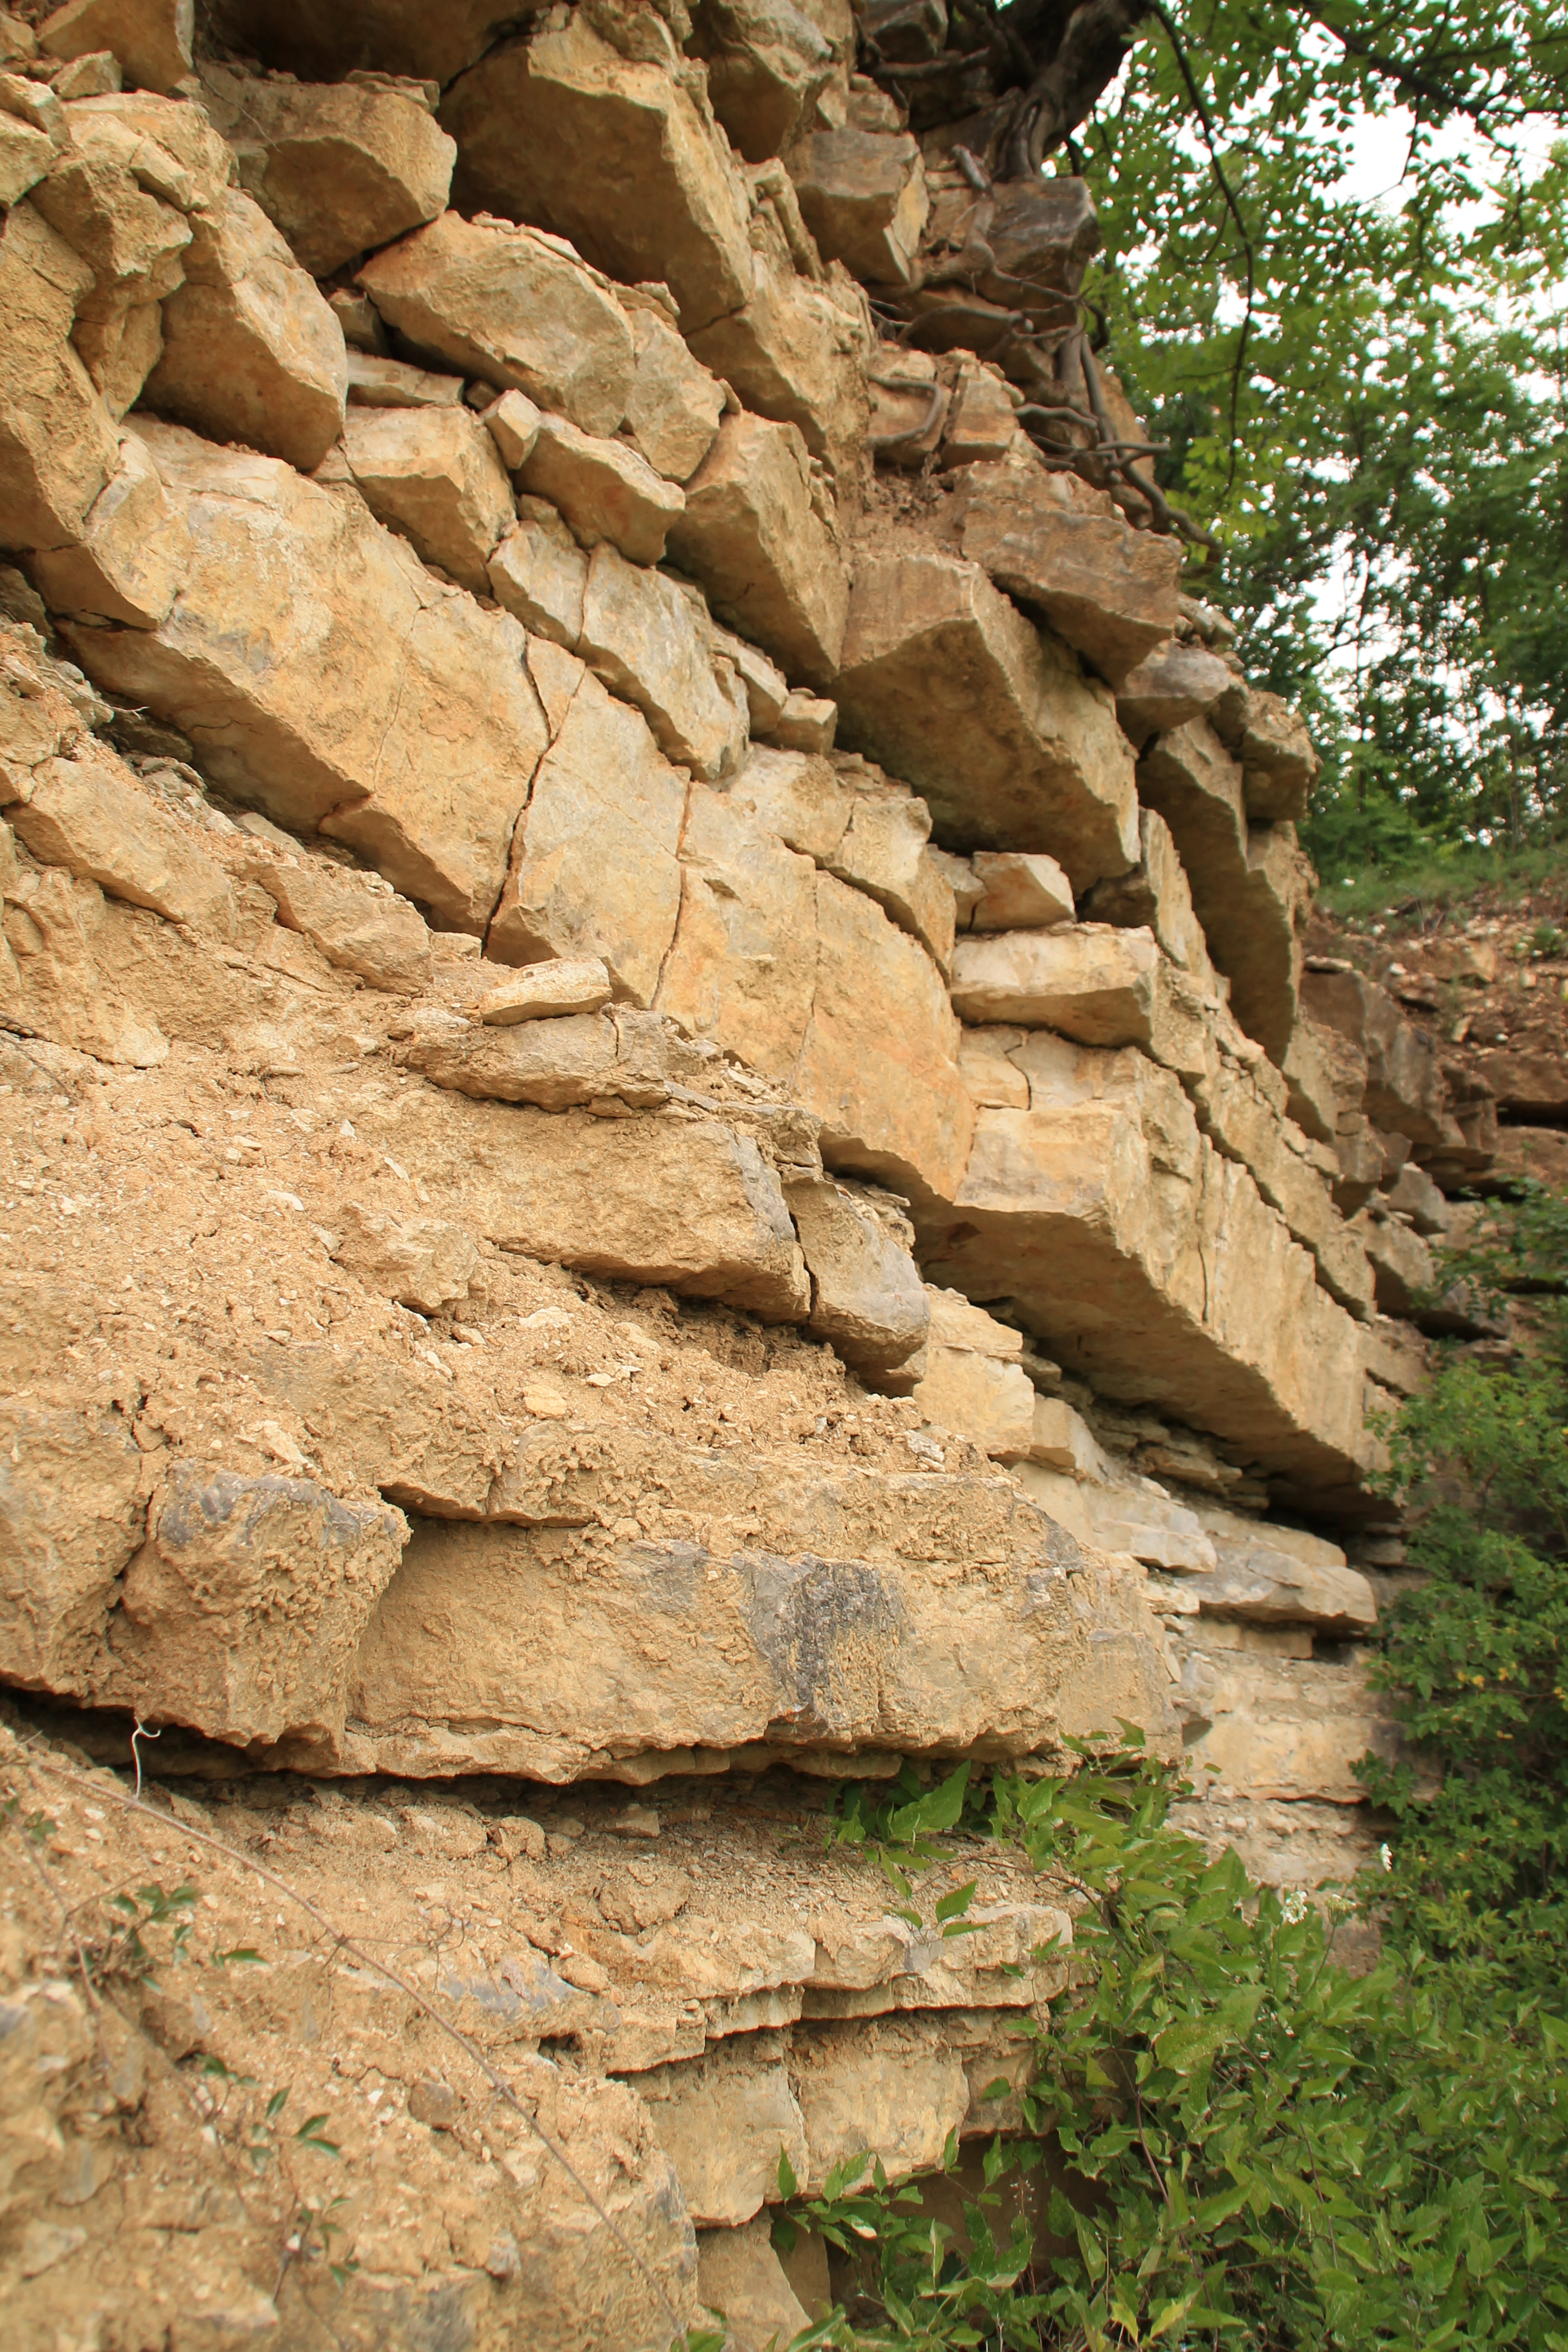 Miért rétegzettek az üledékes kőzetek?